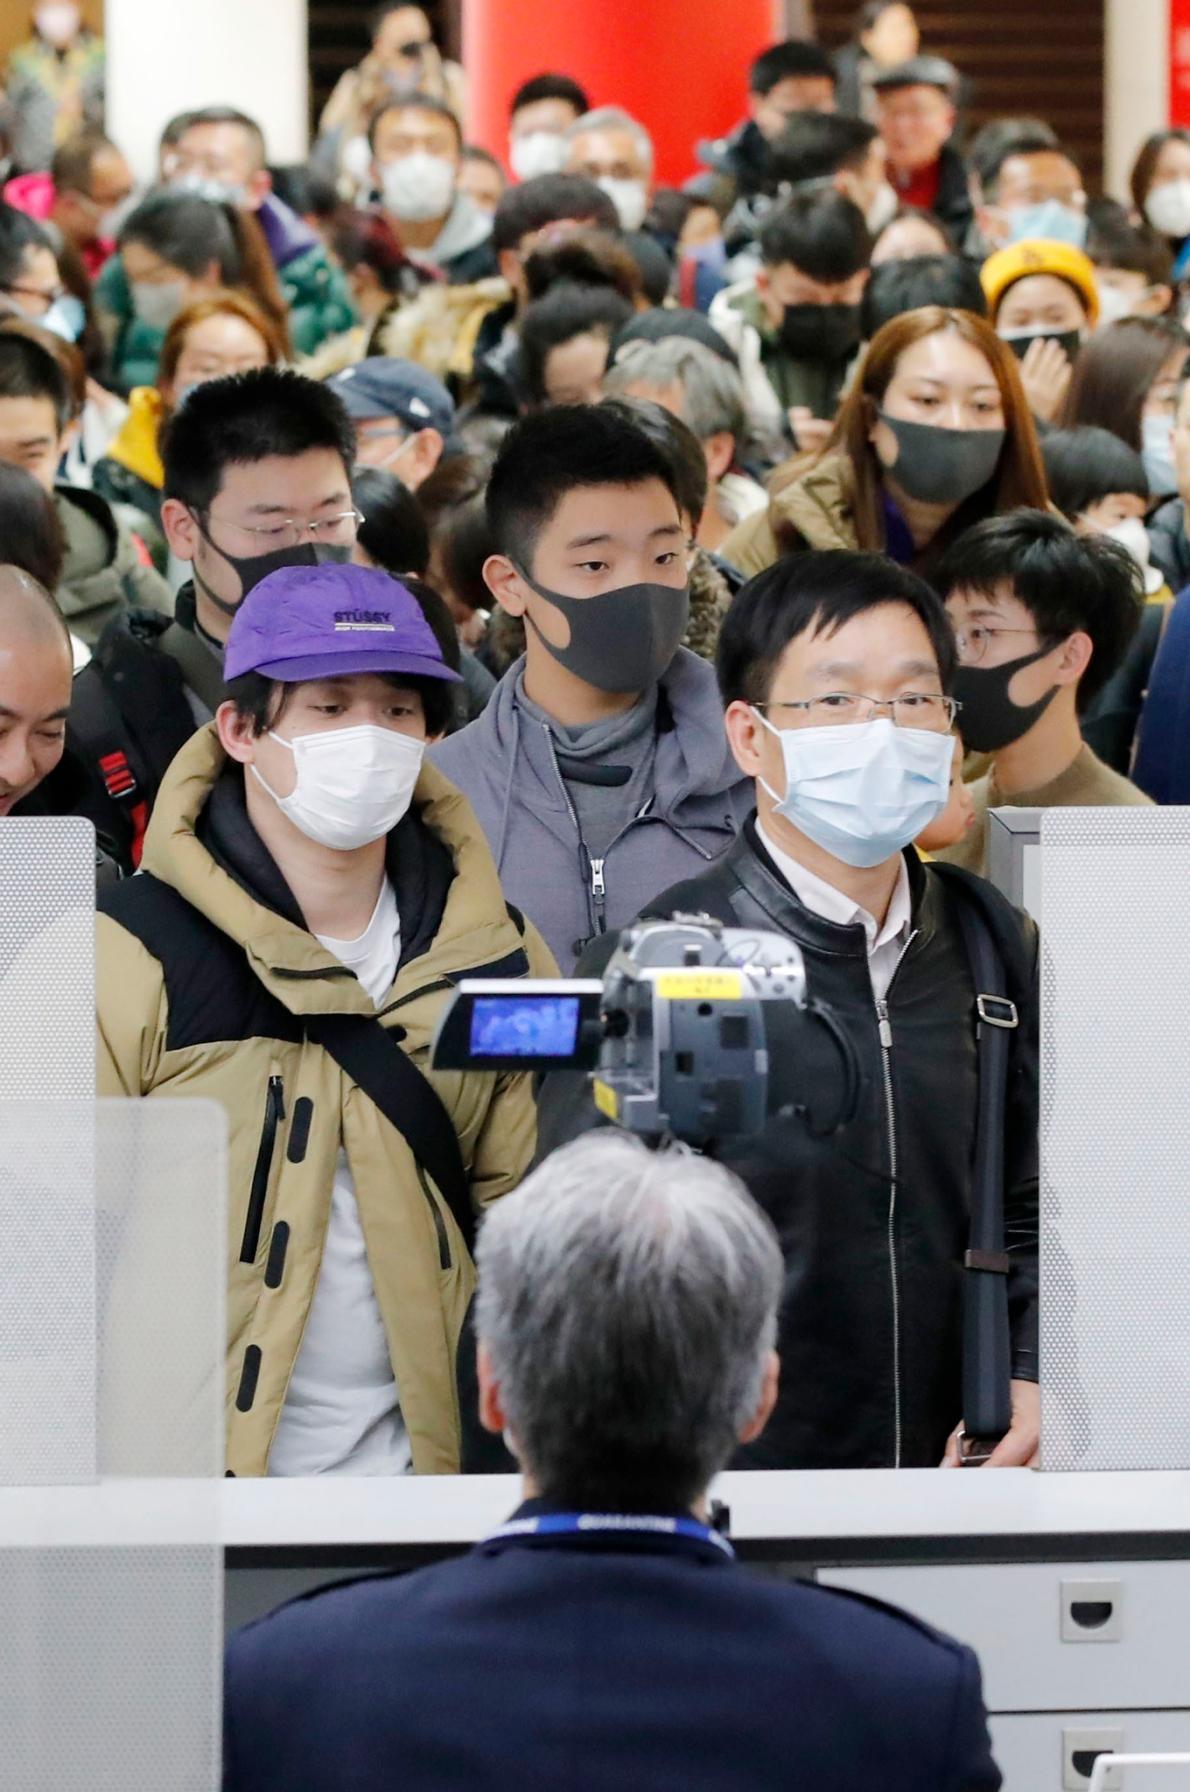 2020年1月23日,從新型冠狀病毒肺炎爆發起源地中國武漢飛抵日本的旅客,正通過東京成田機場的檢疫。前景中架設的是溫度監控儀器,用以檢查旅客的體溫。PHOTOGRAPH BY KYODO VIA AP IMAGES